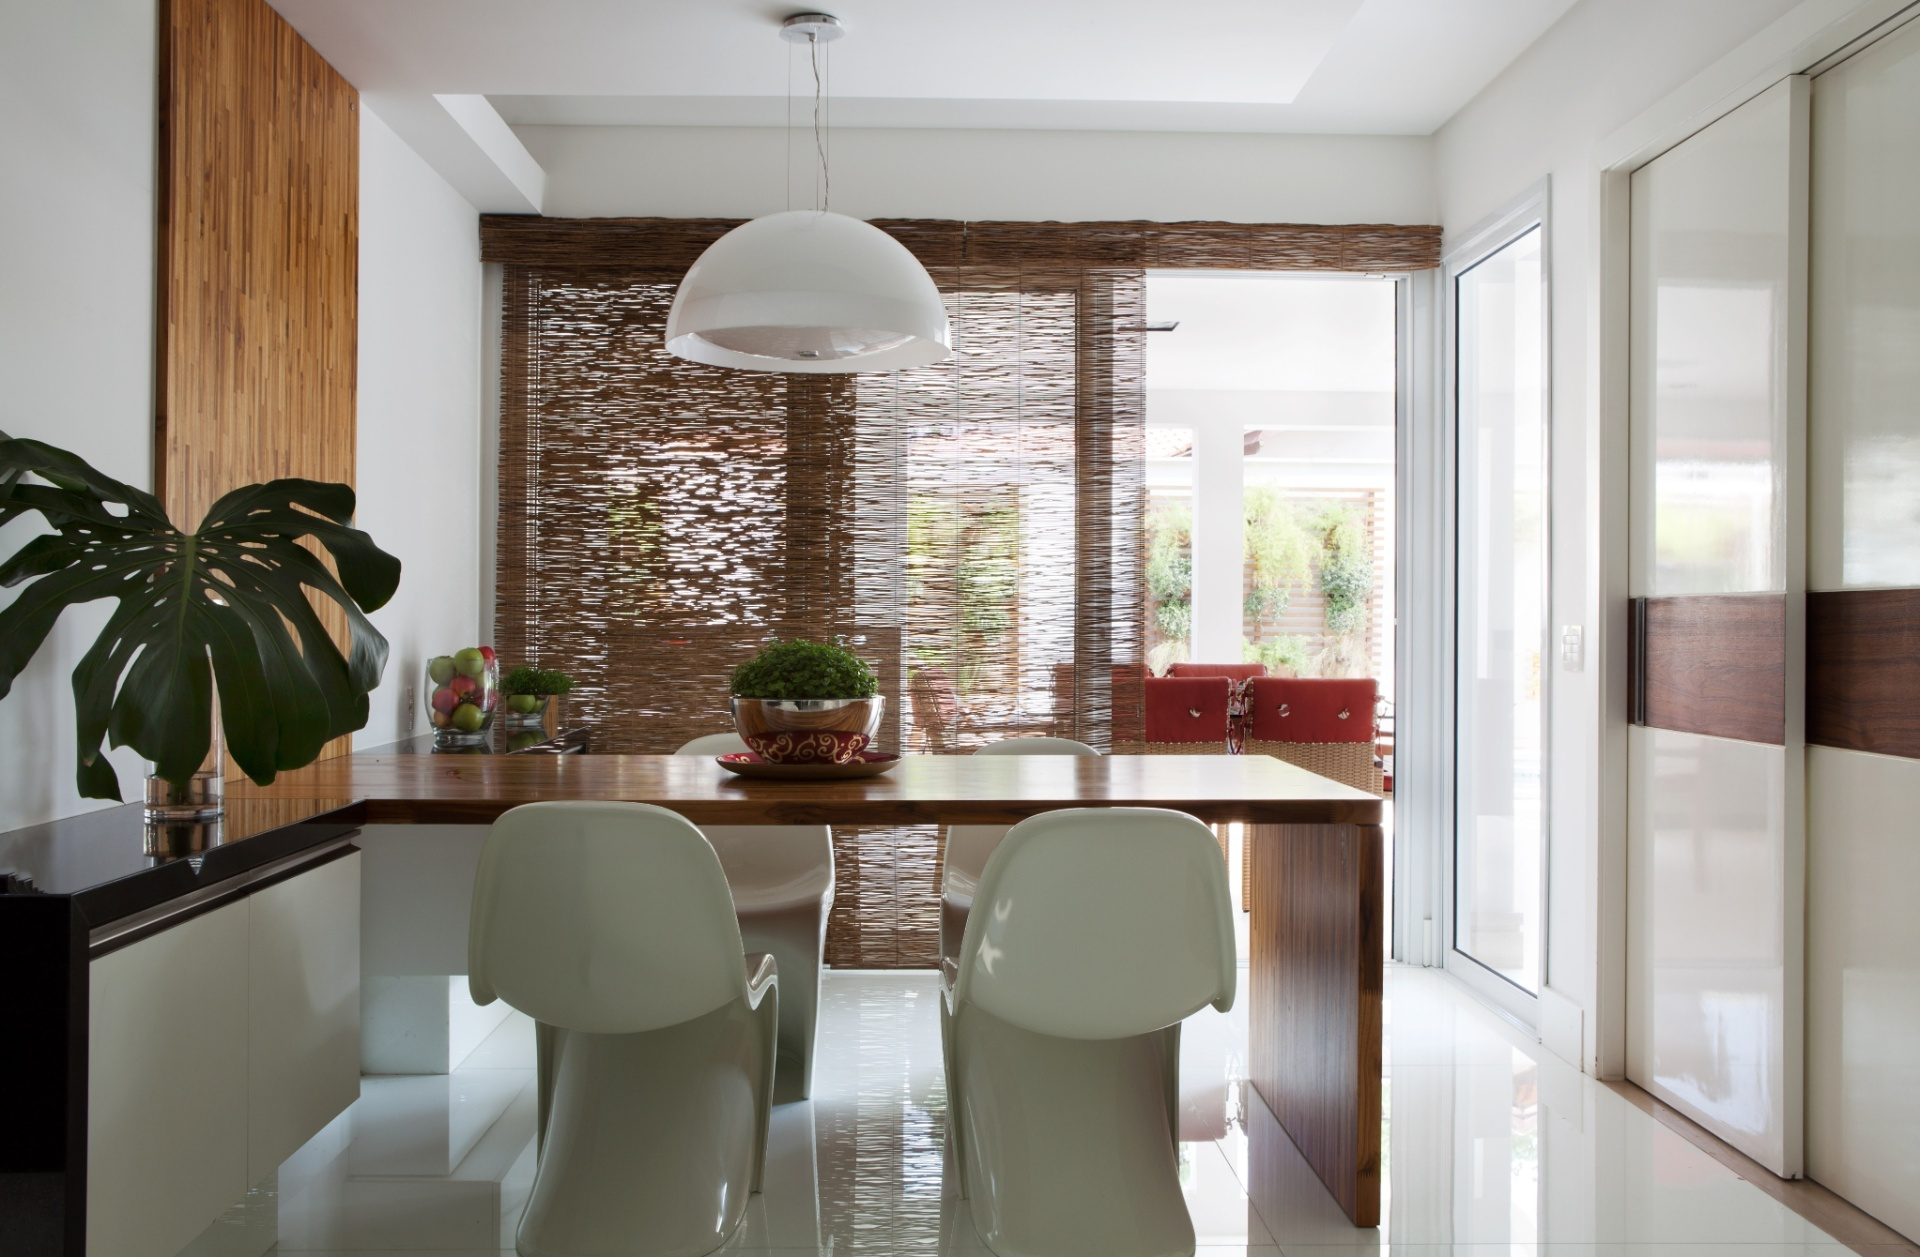 Na casa em Barueri (SP), decorada por Giseli Koraicho, o painel filetado que compõe a mesa e sobe pela parede da área da copa é idêntico ao que a apoia a TV na área de trabalho da cozinha. Ao lado da mesa-bancada, cadeiras Panton